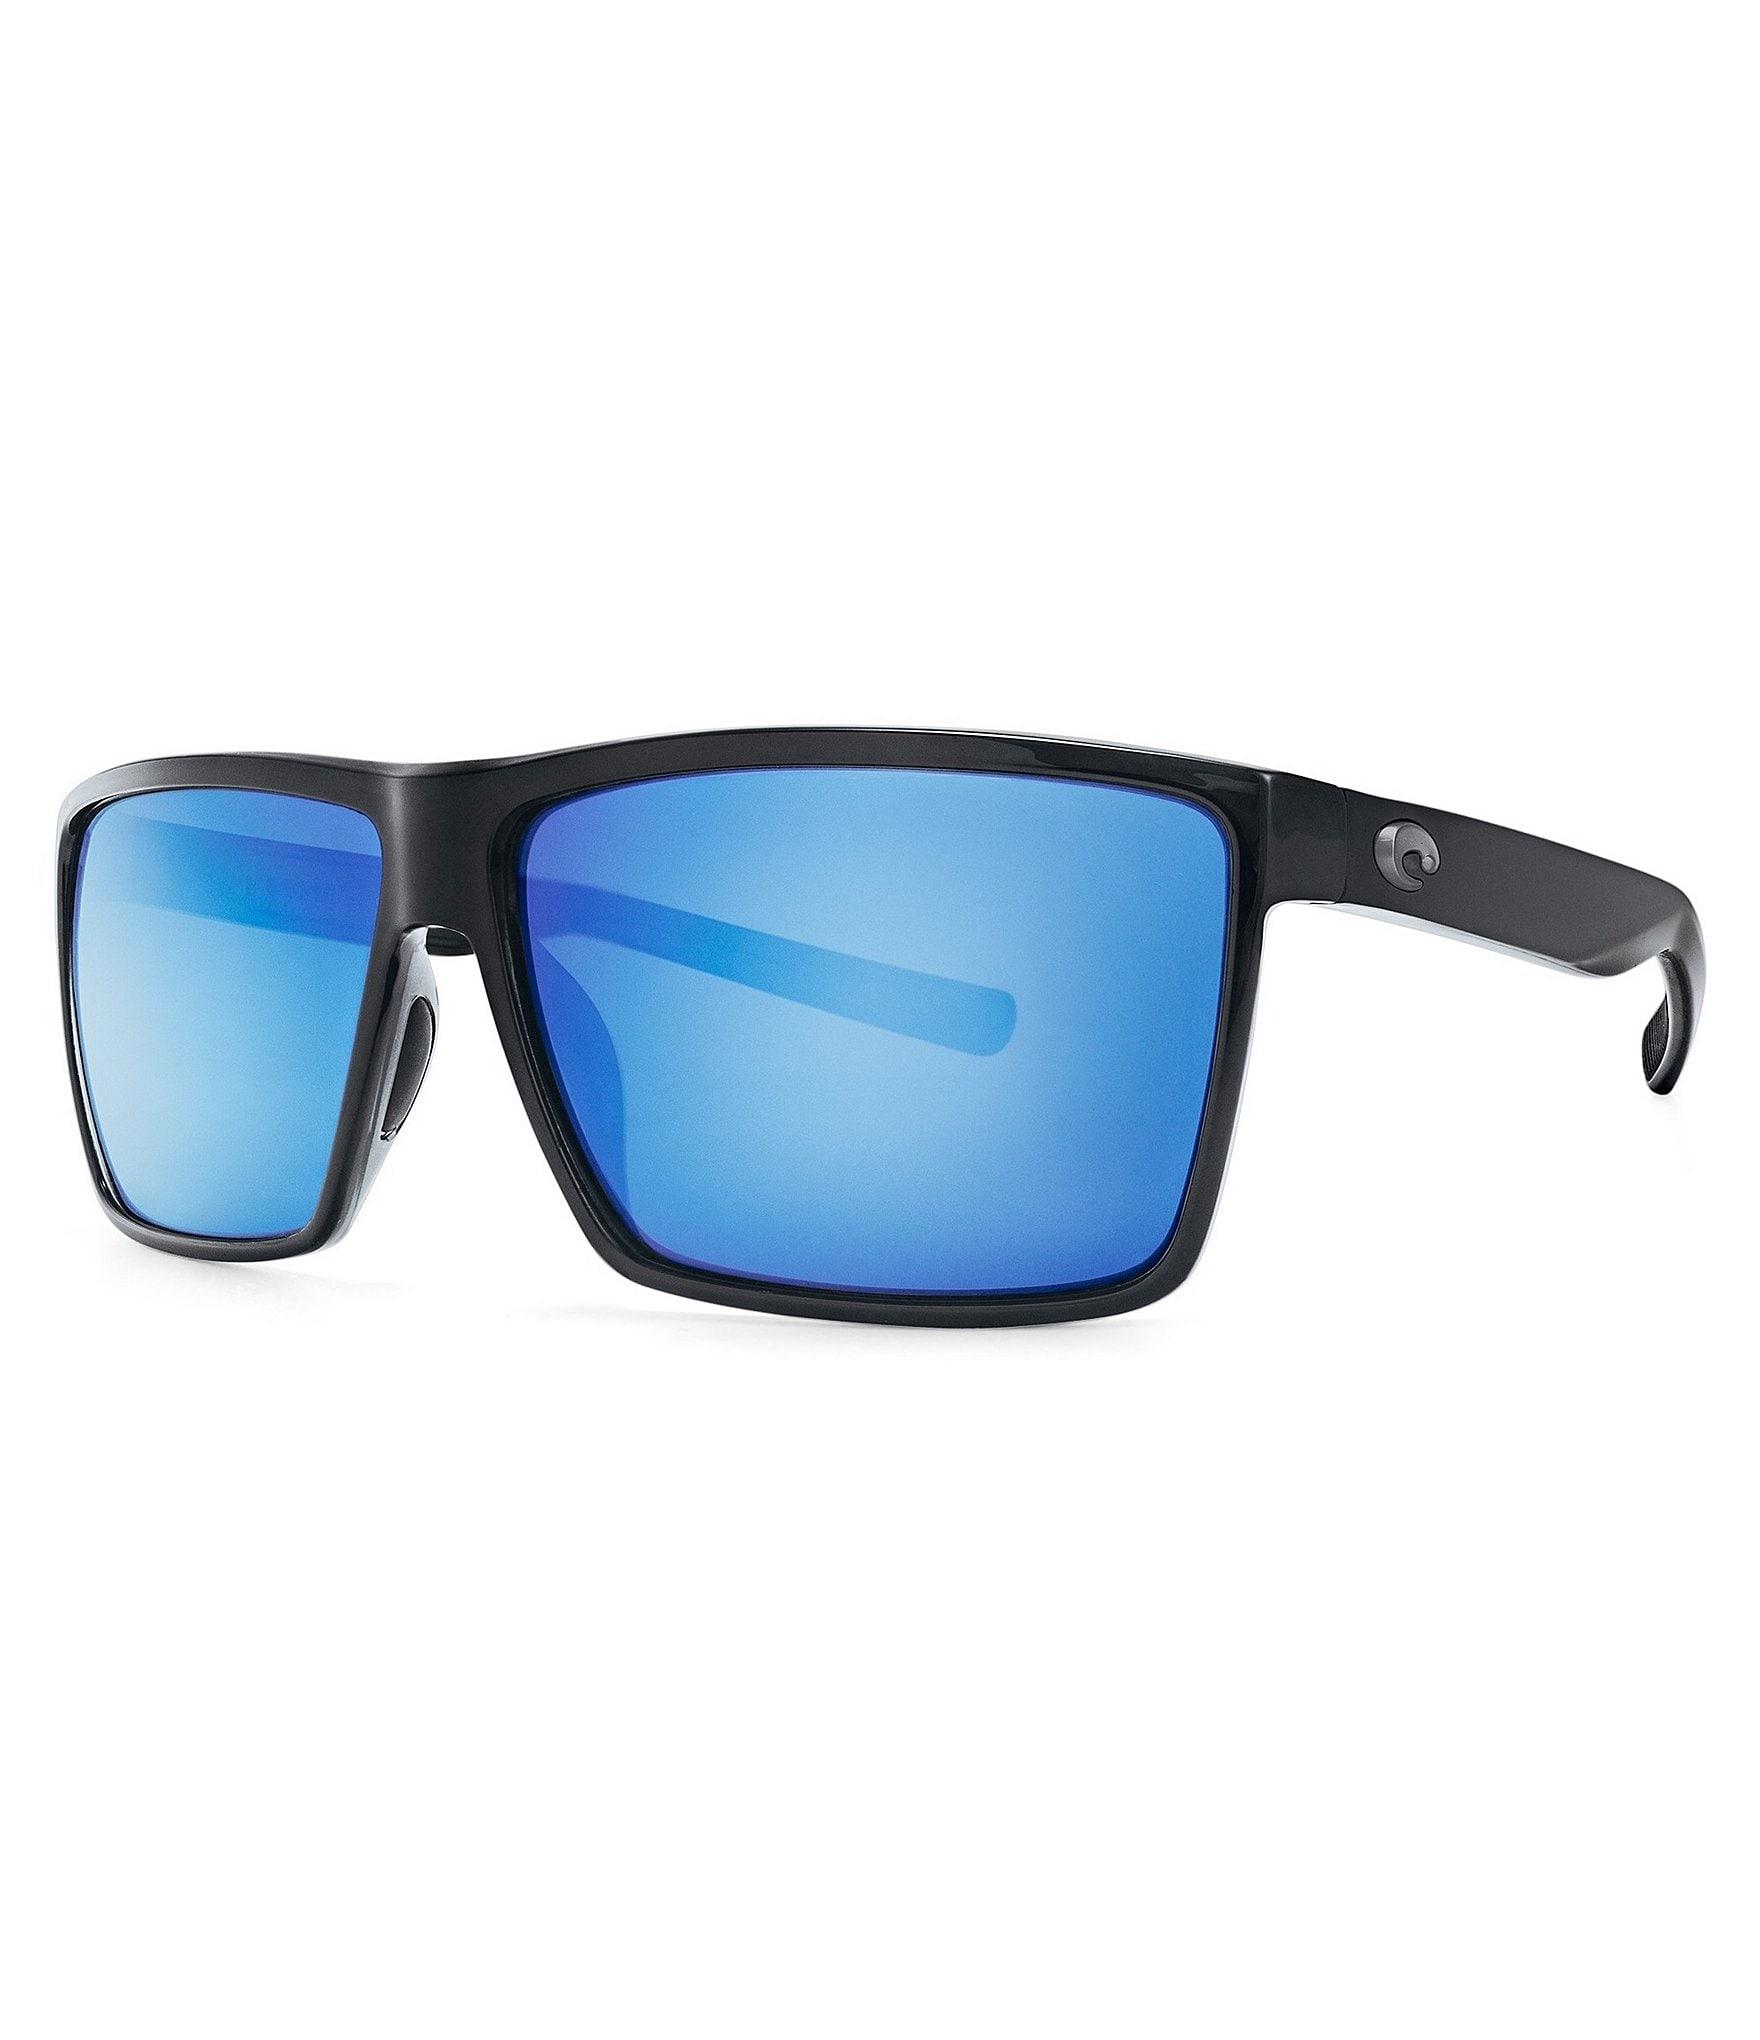 b0f847326faca Costa Women s Polarized Sunglasses